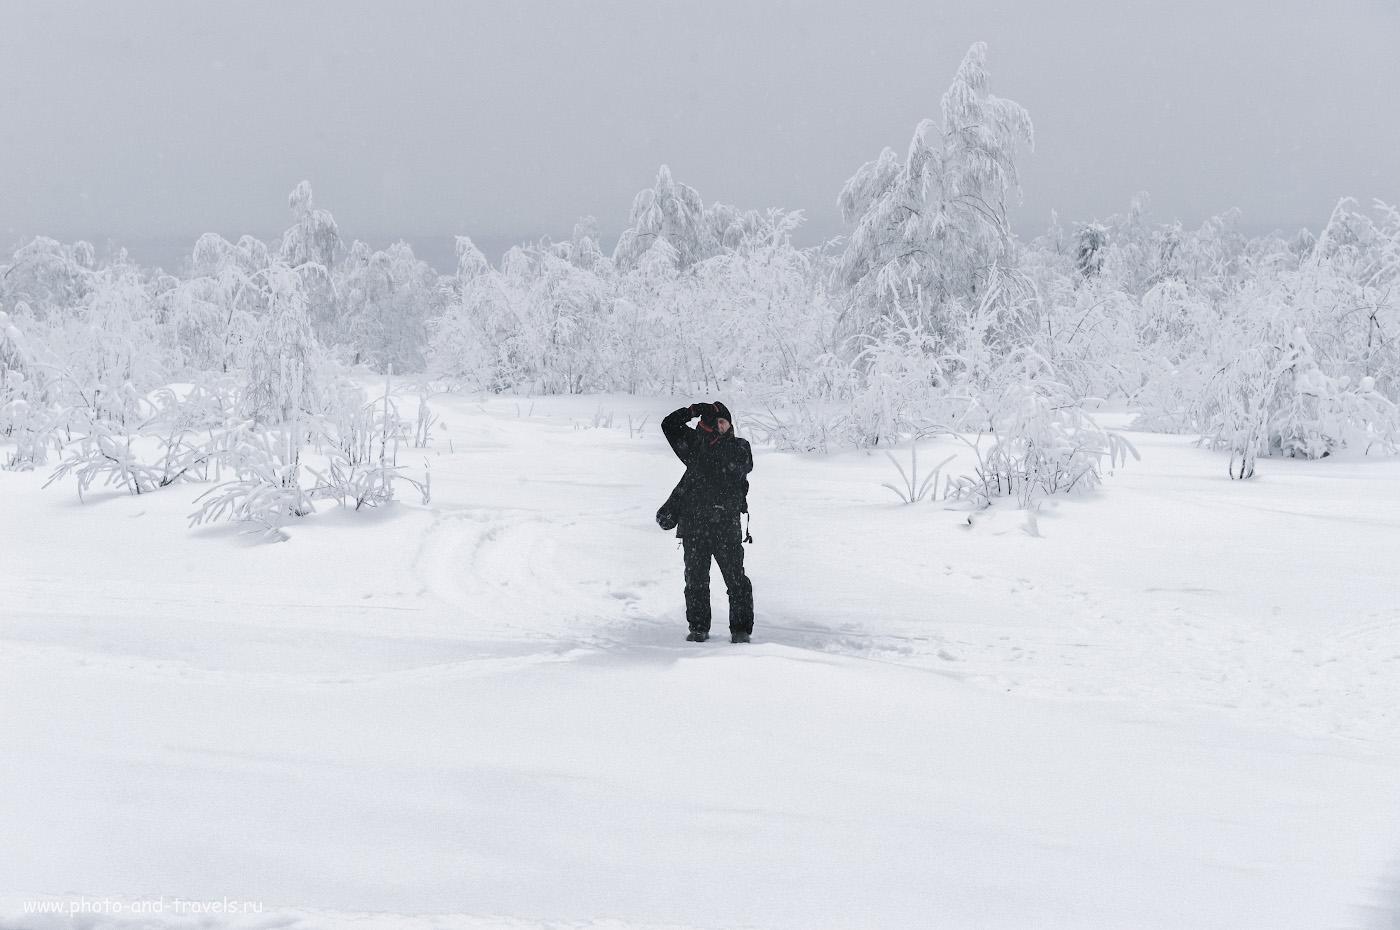 Фото 8. По пути к скалам на горе Крестовая. Что интересного посмотреть в Пермском крае. 1/160, 10.0, 1100, +2.0, 66.